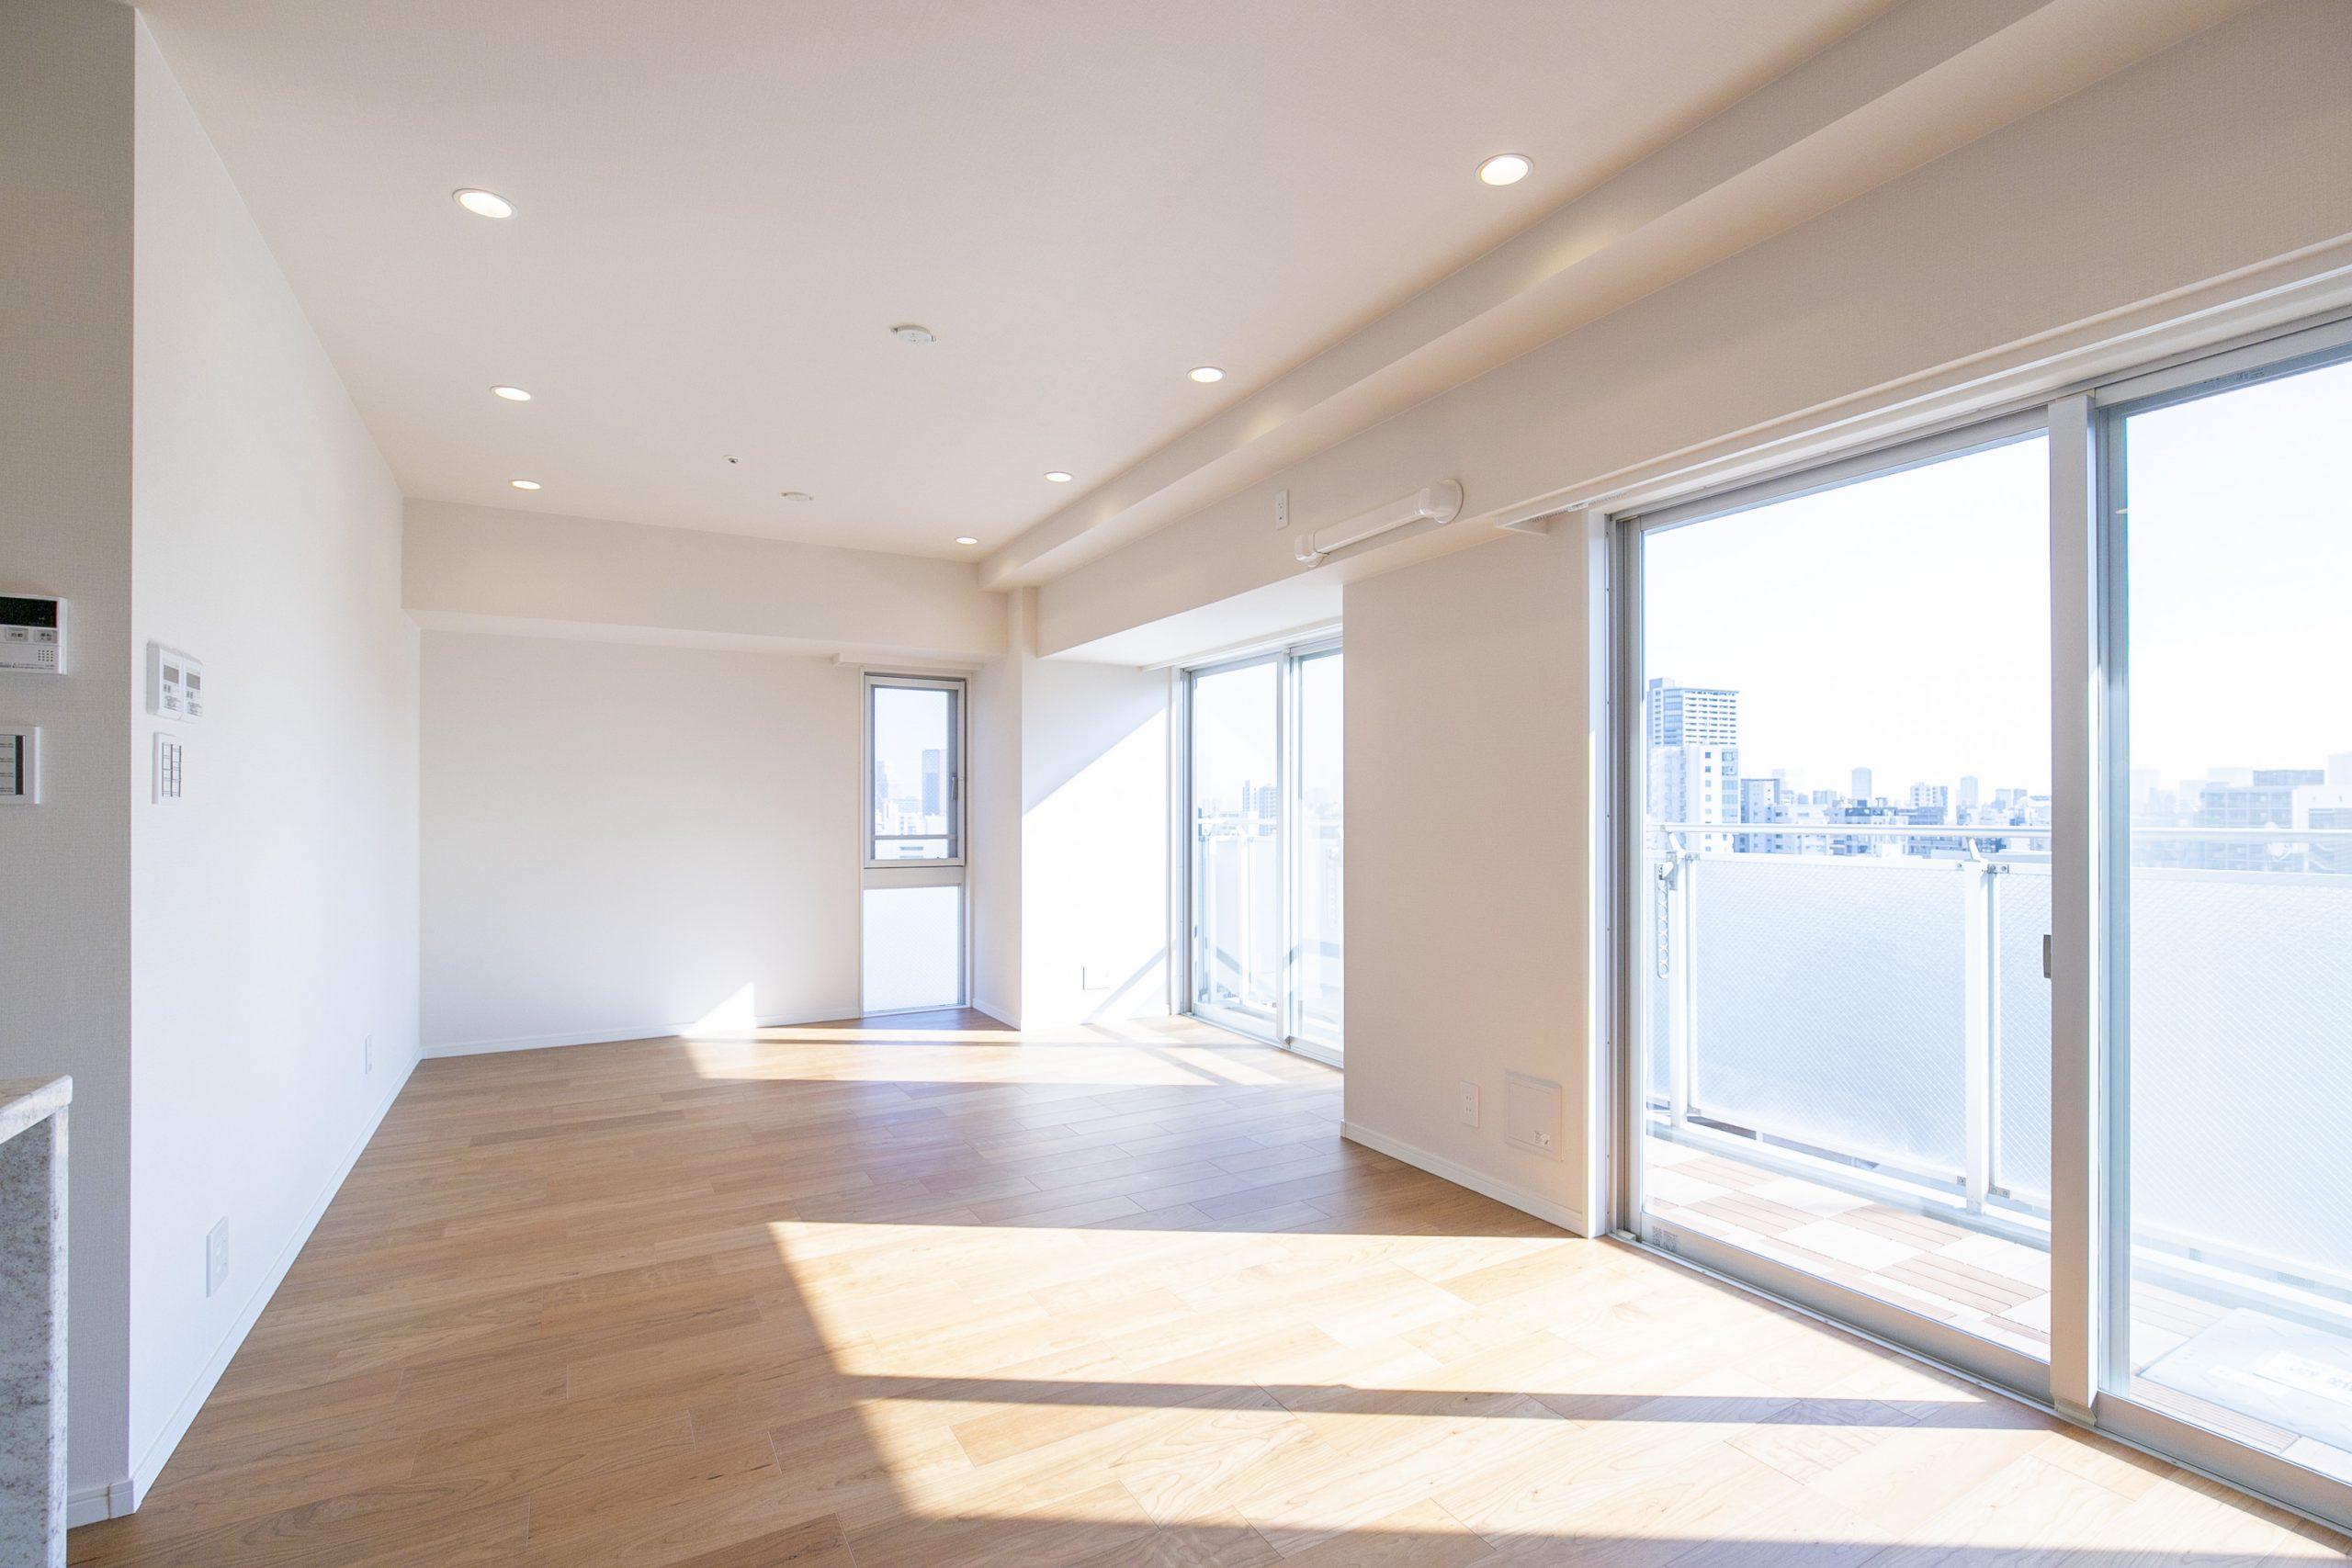 恵比寿 明るく開放的な部屋